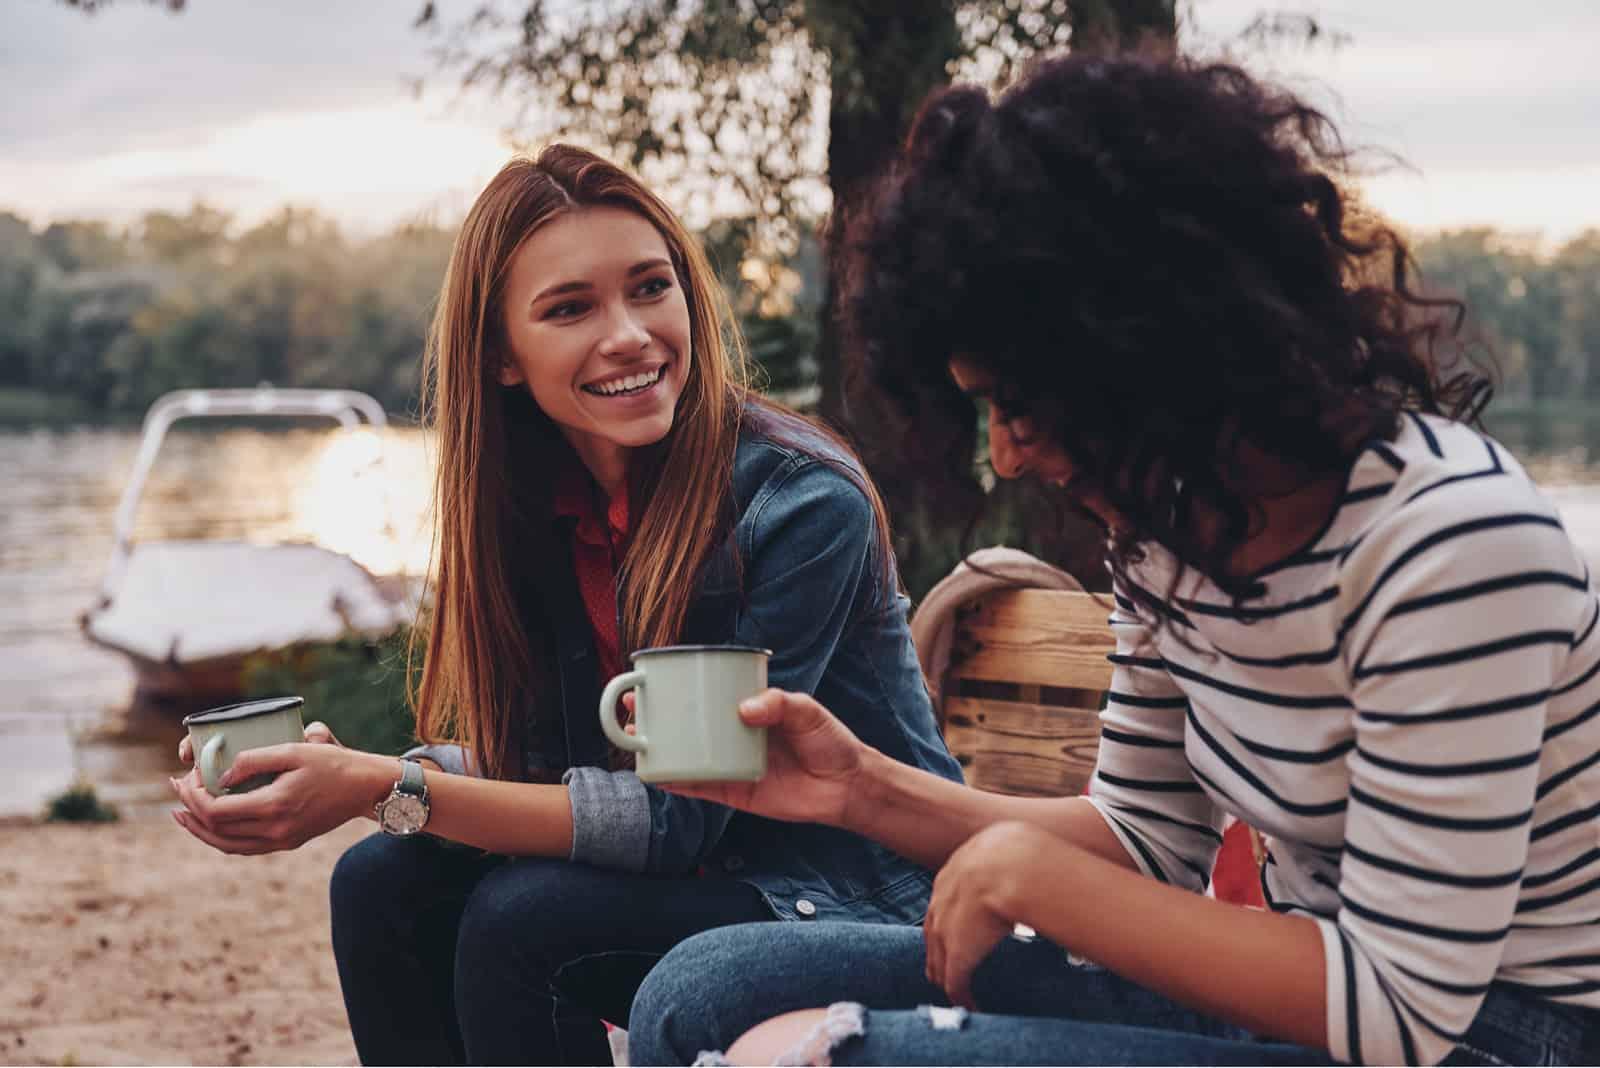 deux amis sont assis dans la nature et rient